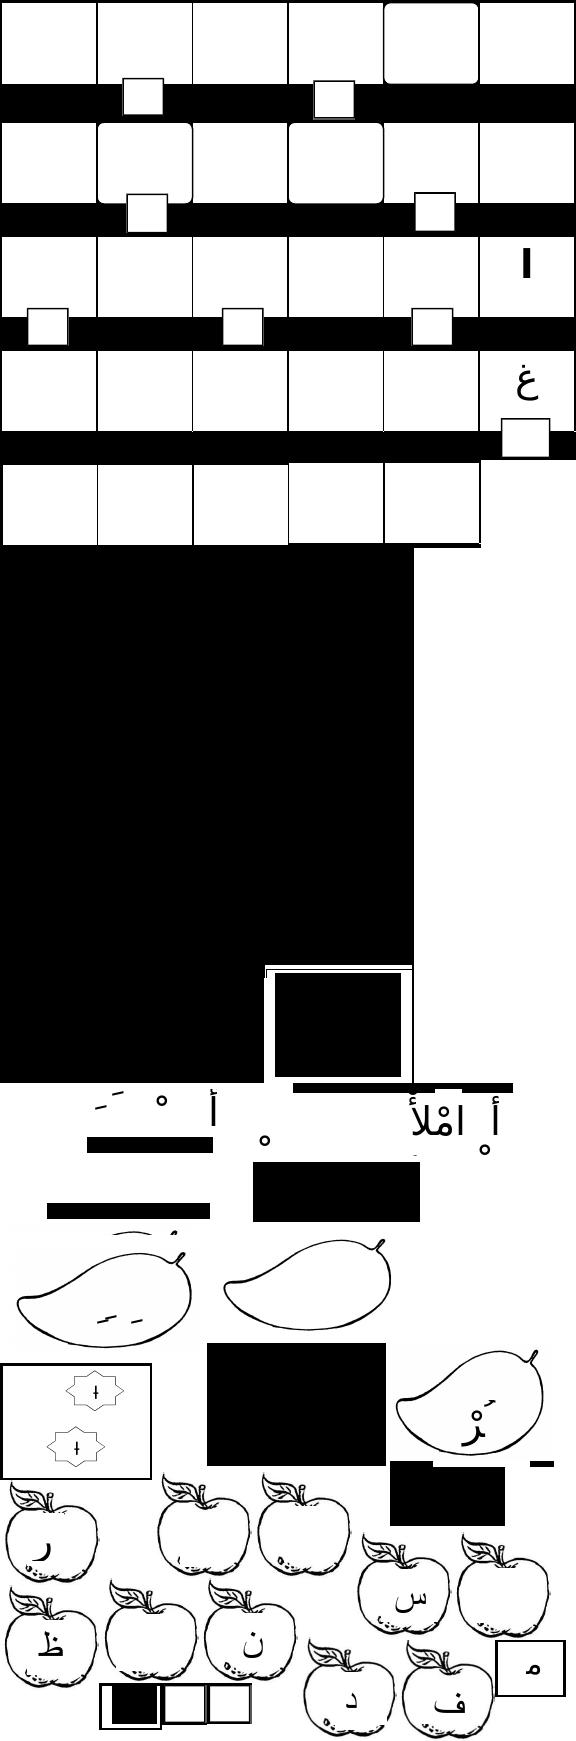 Download Rpt Bahasa Arab Tahun 1 Bernilai Pk 1 Bahasa Arab Tahun 1 Pdf Document Of Kumpulan Rpt Bahasa Arab Tahun 1 Yang Dapat Di Muat Turun Dengan Cepat